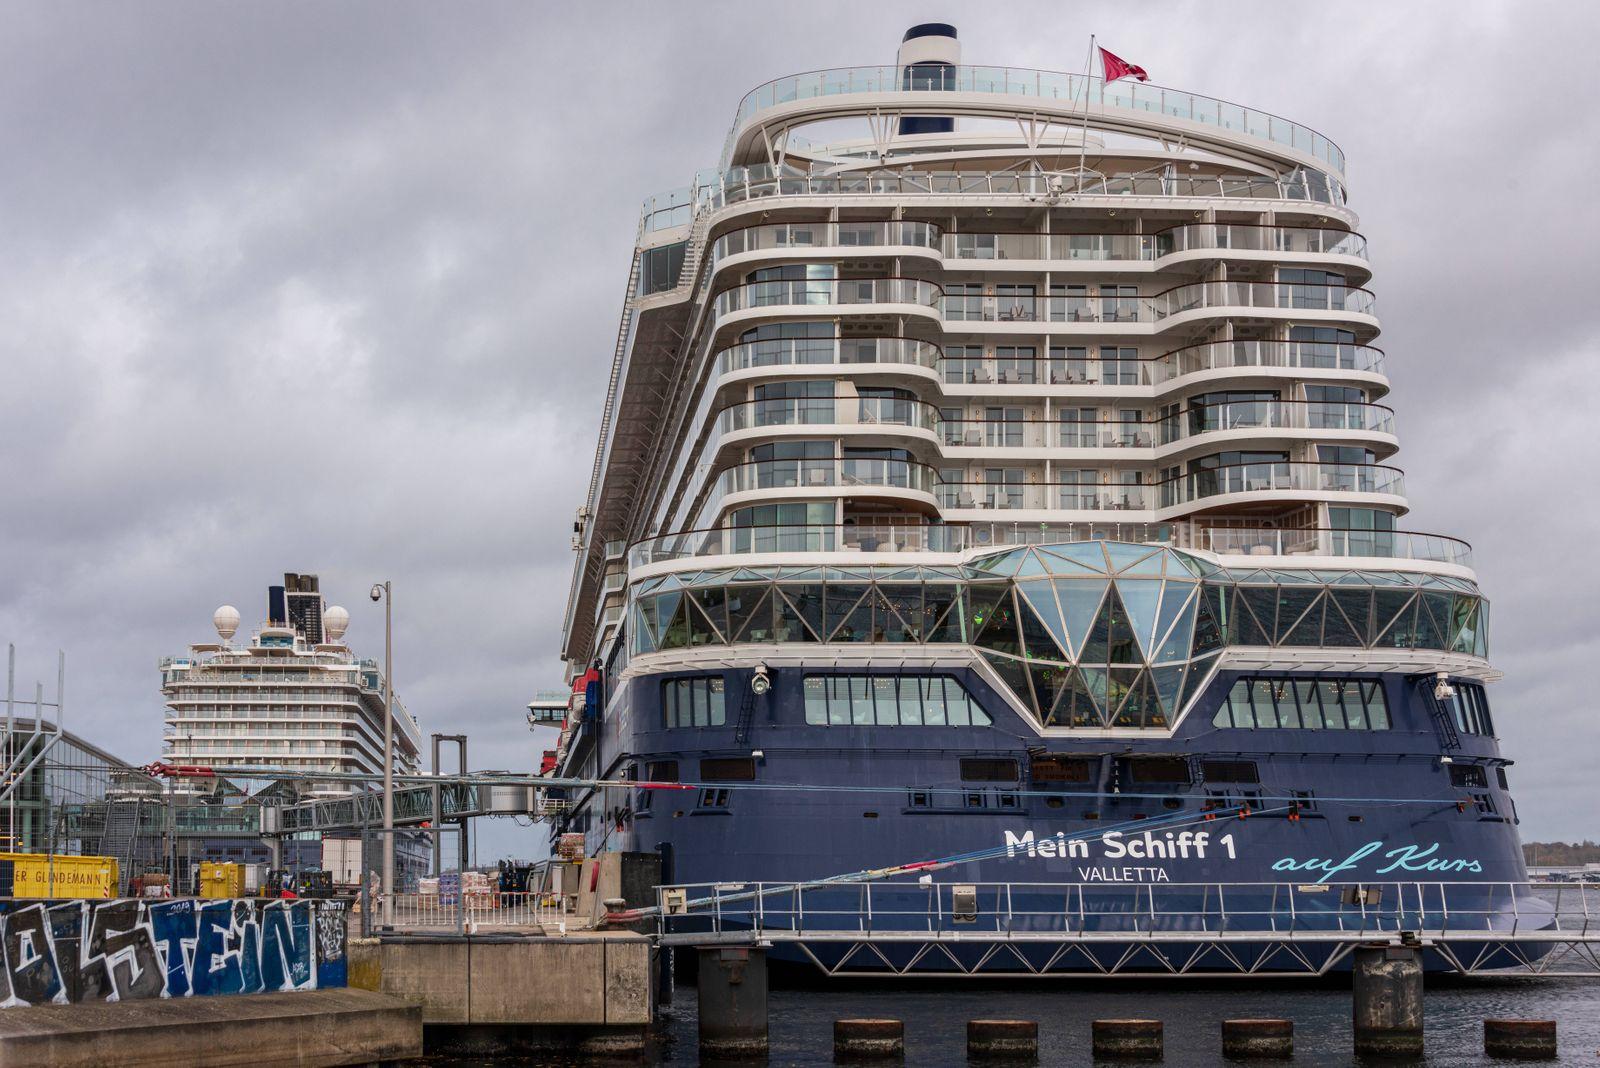 Kiel, 05. November 2020 Beherbungsverbot auf See. Zwei Schiffe von TUI Cruises liegen zurzeit im Kieler Hafen. Die Mein